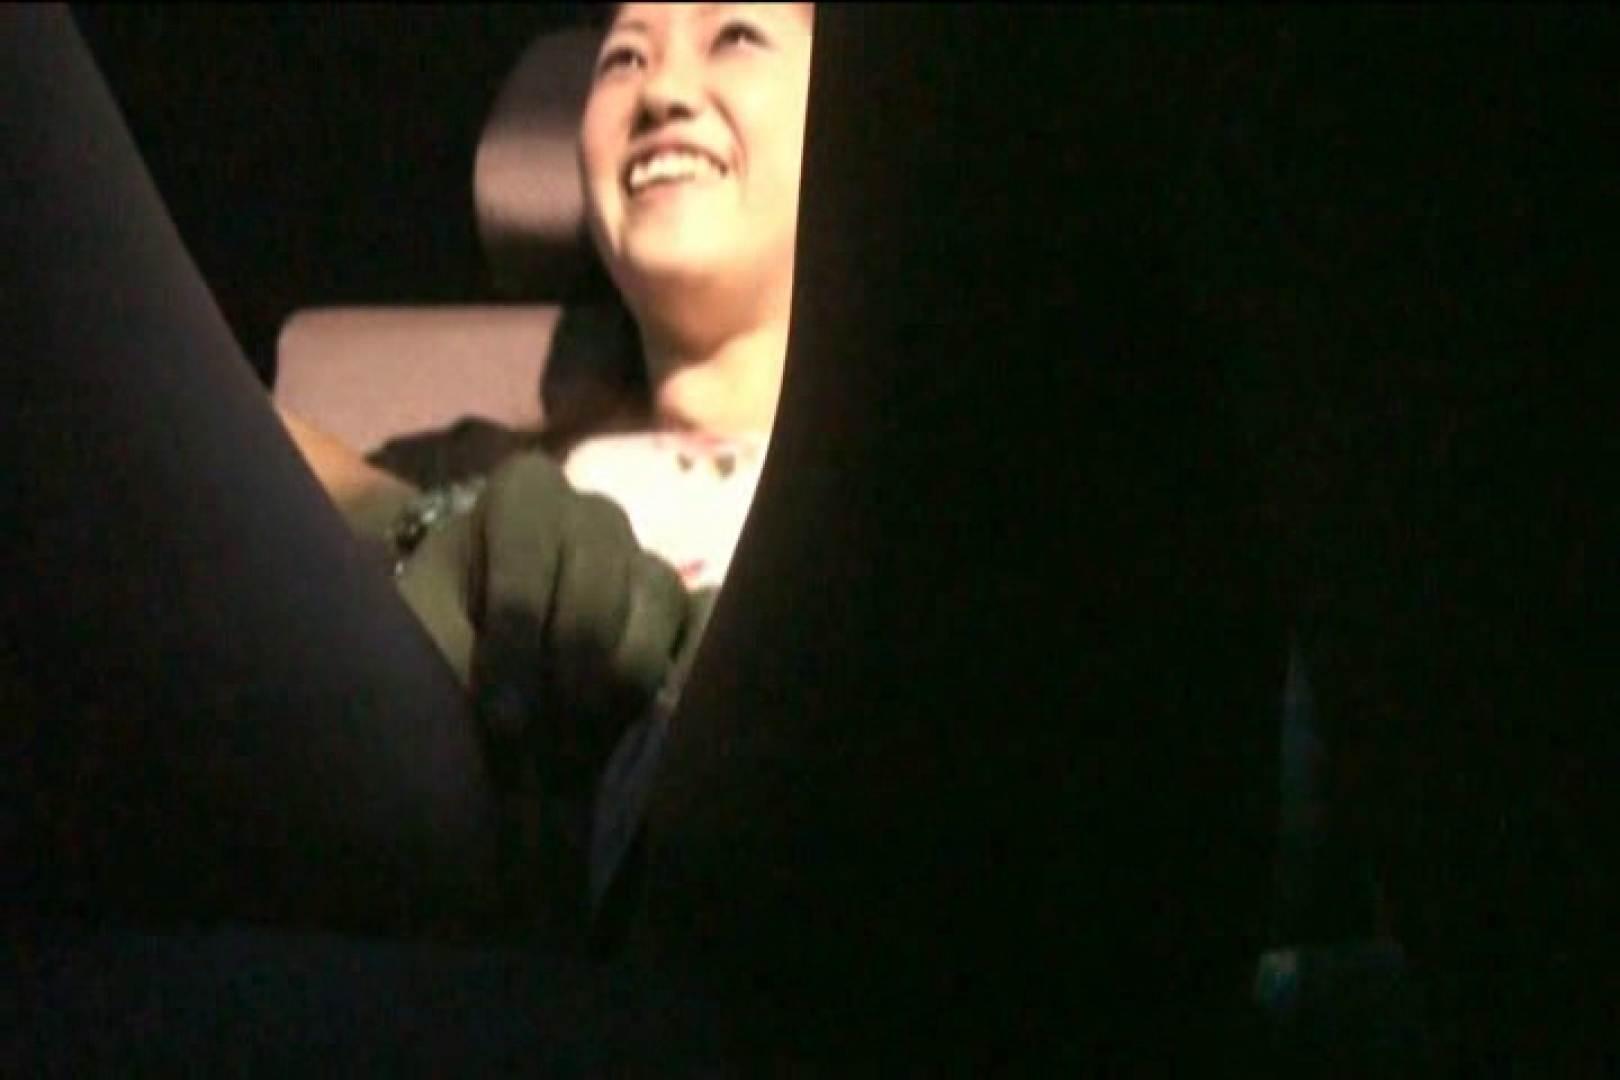 車内で初めまして! vol01 エッチ見放題 アダルト動画キャプチャ 102PIX 69